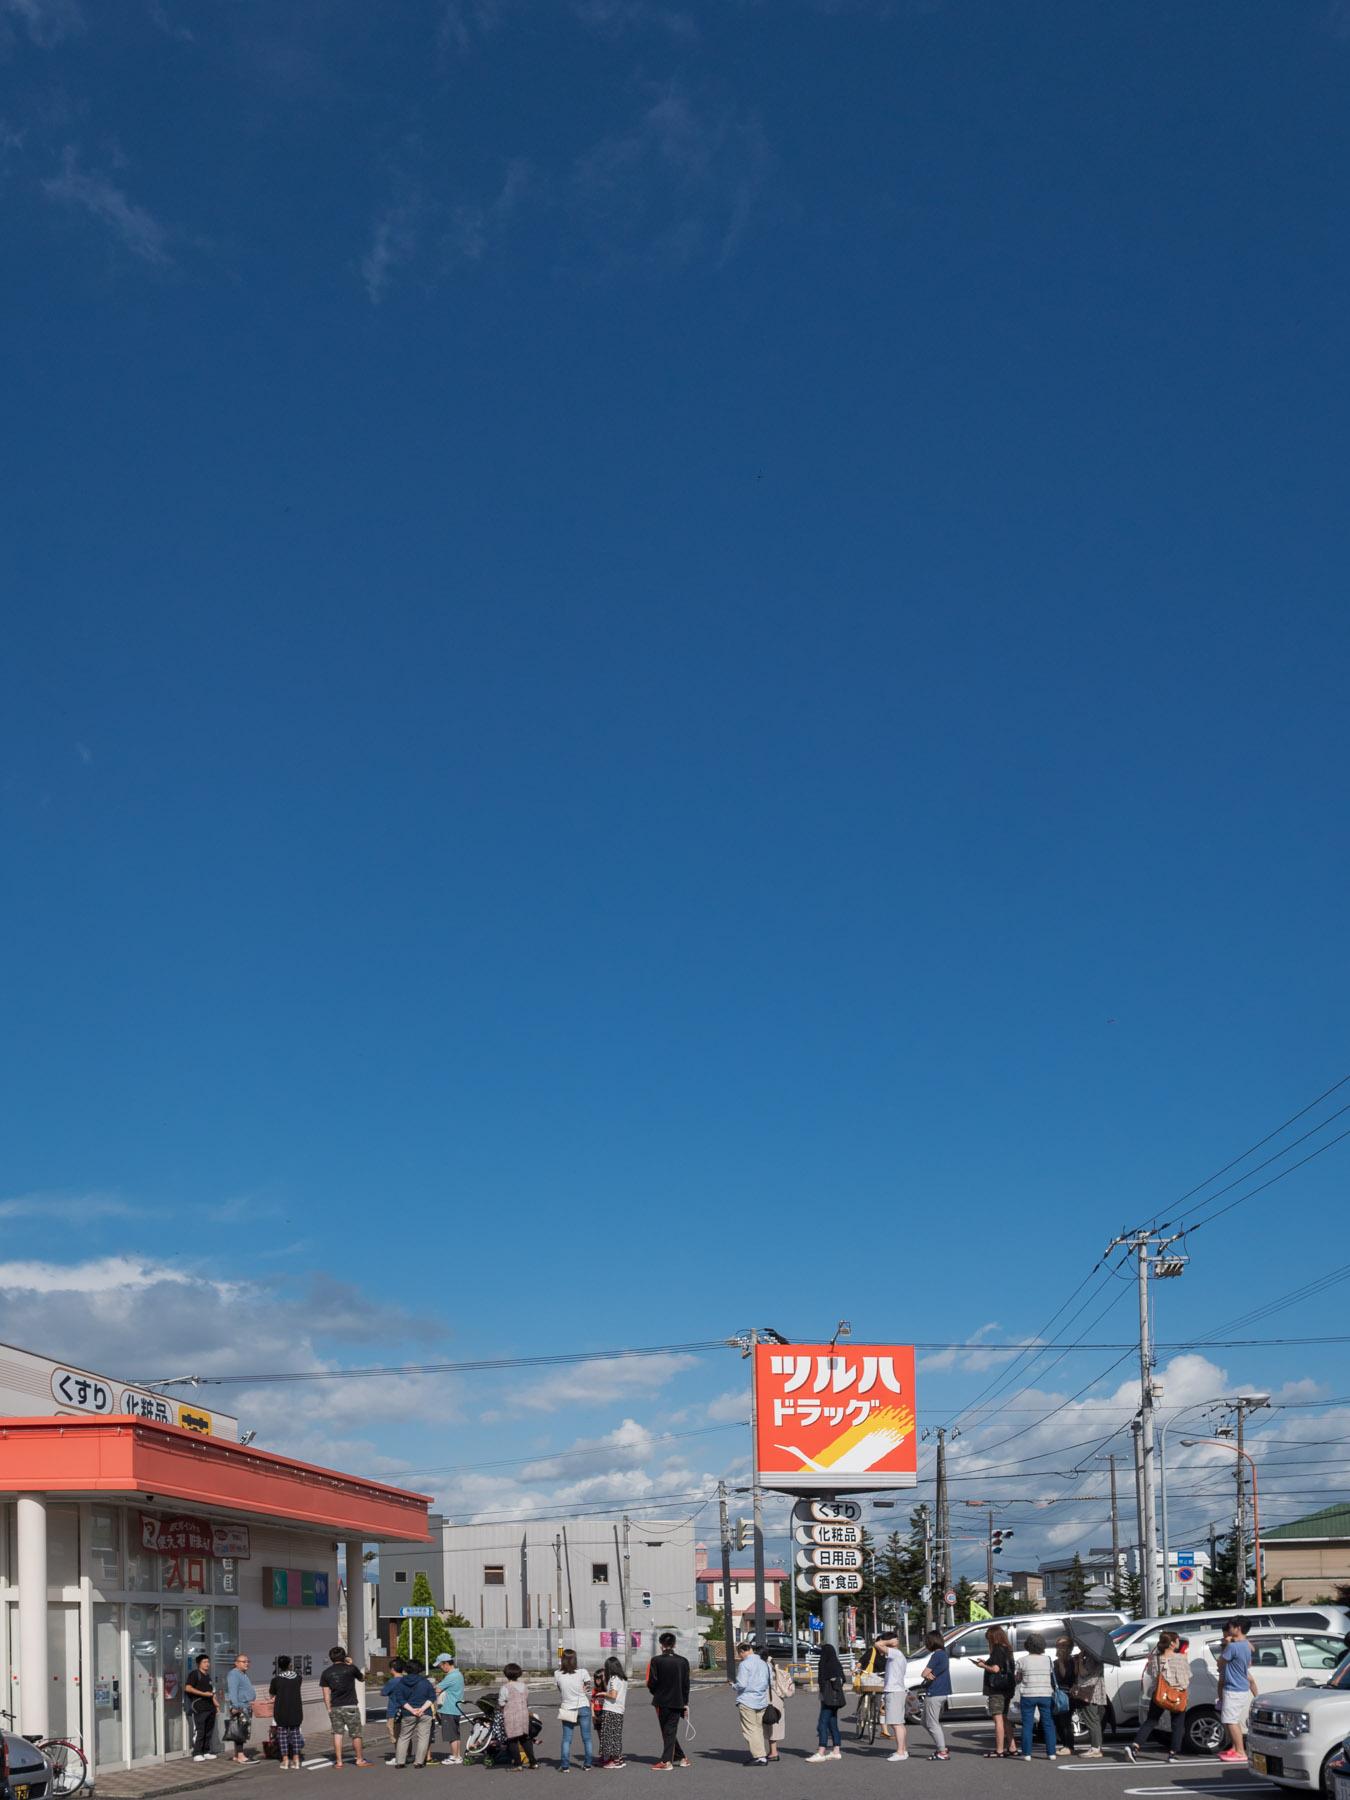 ツルハ開店を待つ行列と晴れ渡る空